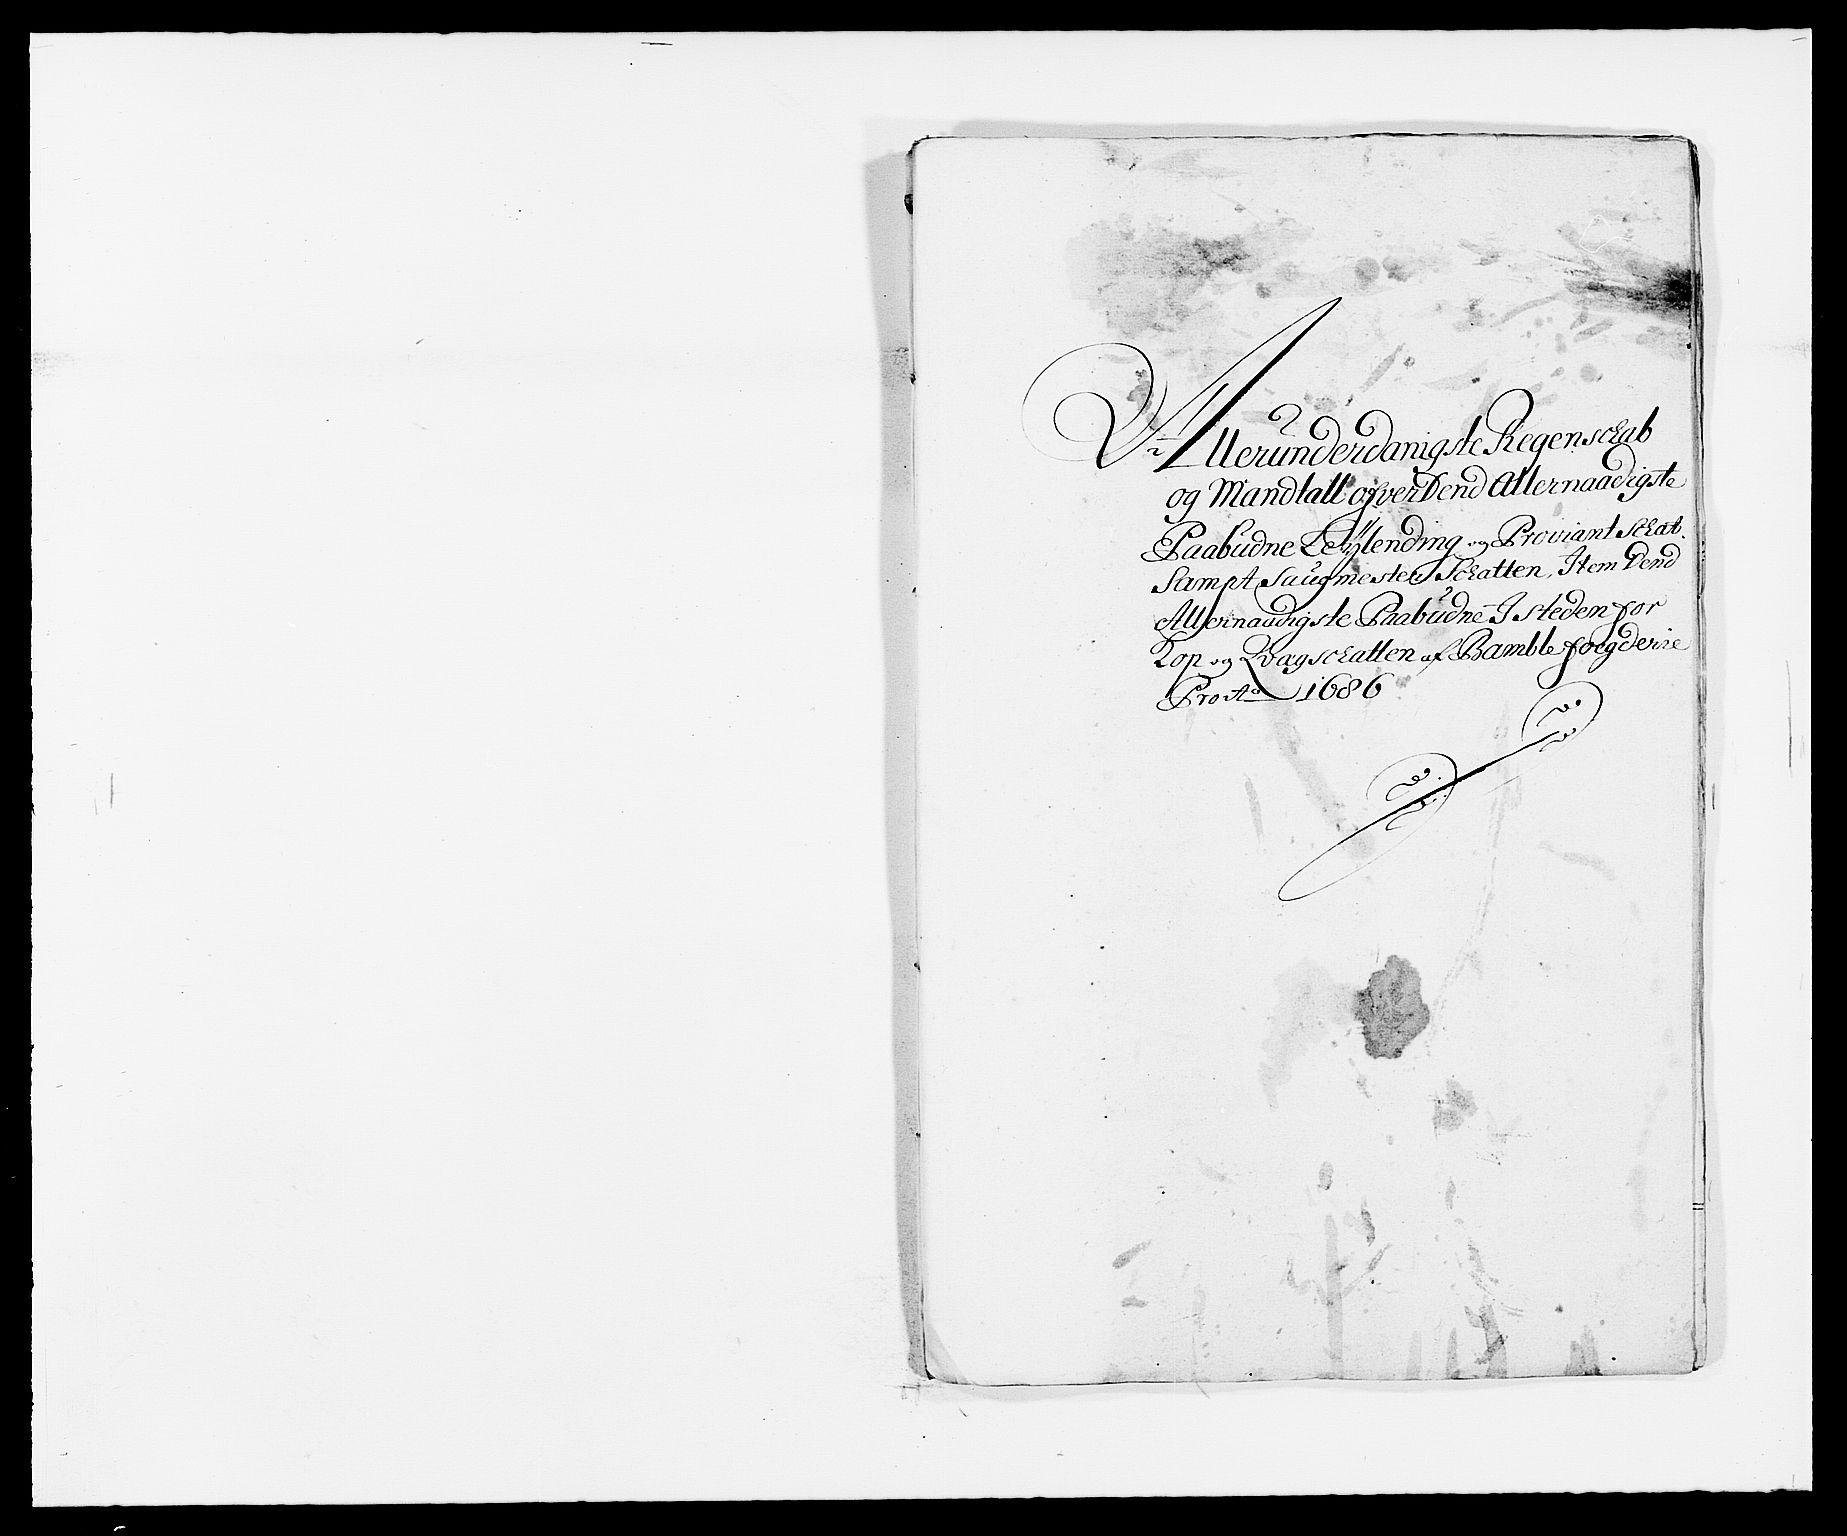 RA, Rentekammeret inntil 1814, Reviderte regnskaper, Fogderegnskap, R34/L2049: Fogderegnskap Bamble, 1685-1687, s. 35